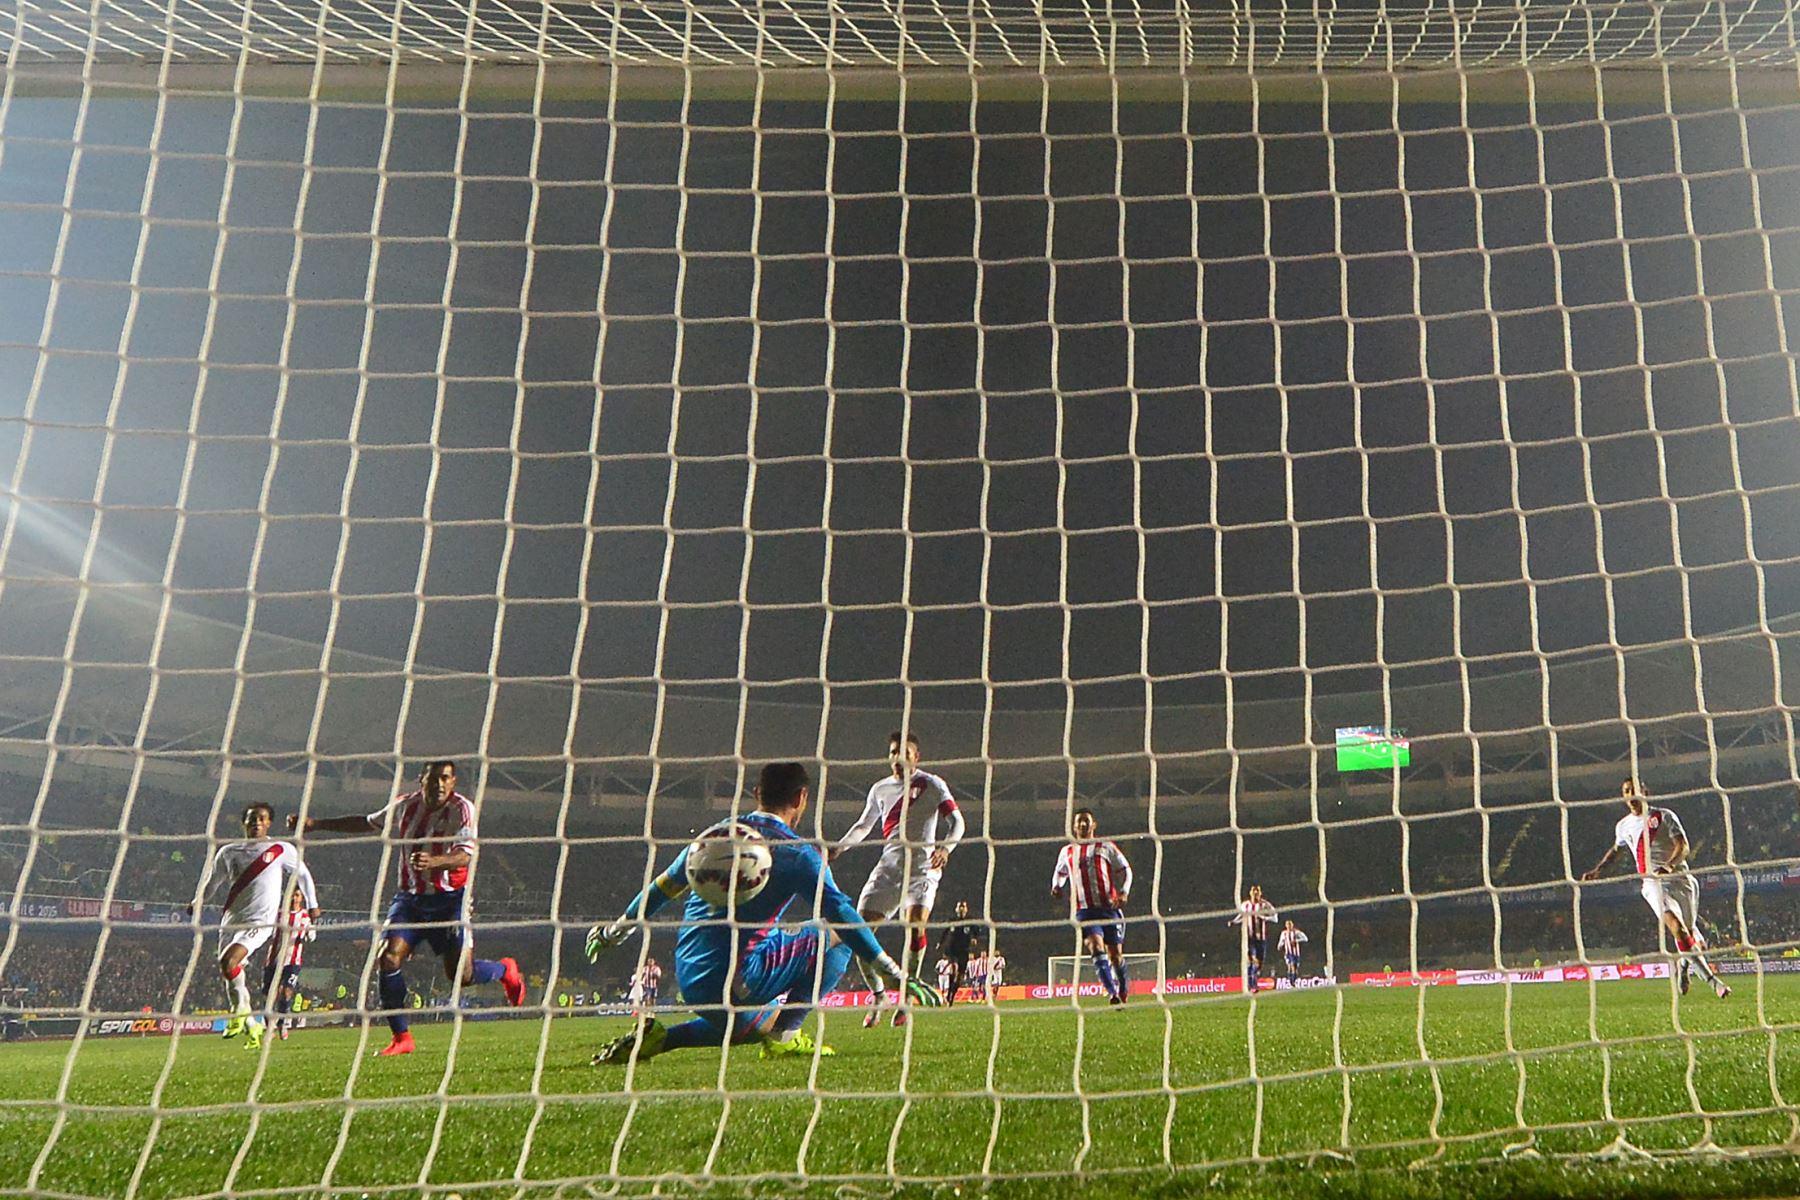 El delantero del Perú, Paolo Guerrero (C-R), supera al portero de Paraguay, Justo Villar, durante su tercer partido de fútbol de la Copa América en Concepción, Chile, el 3 de julio de 2015. Perú ganó 2-0.  Foto: AFP